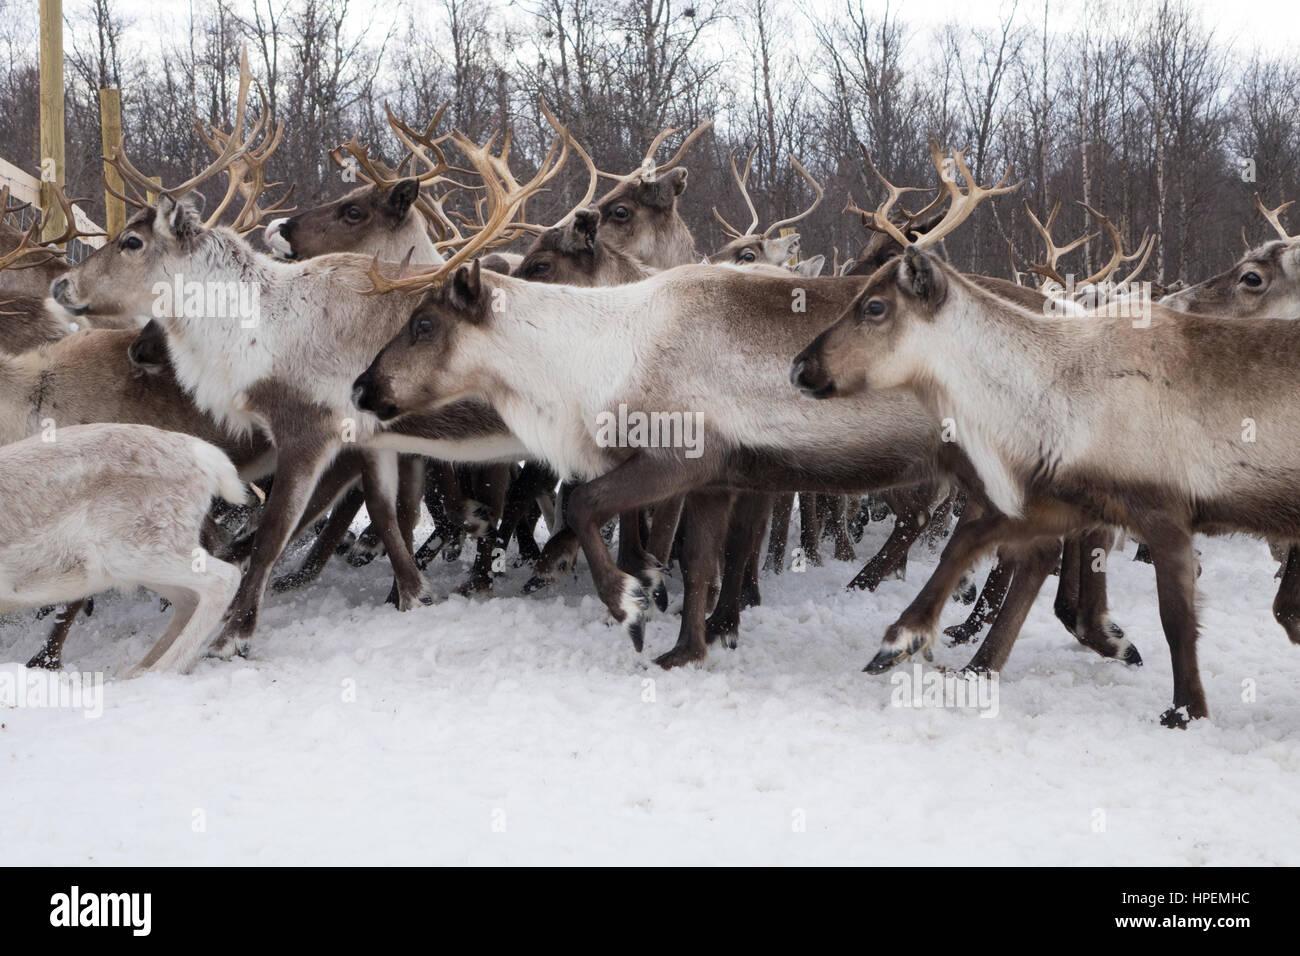 Reindeer herd, Reindeer herding, The Laponian Area, a World Heritage Location, Northern Sweden - Stock Image